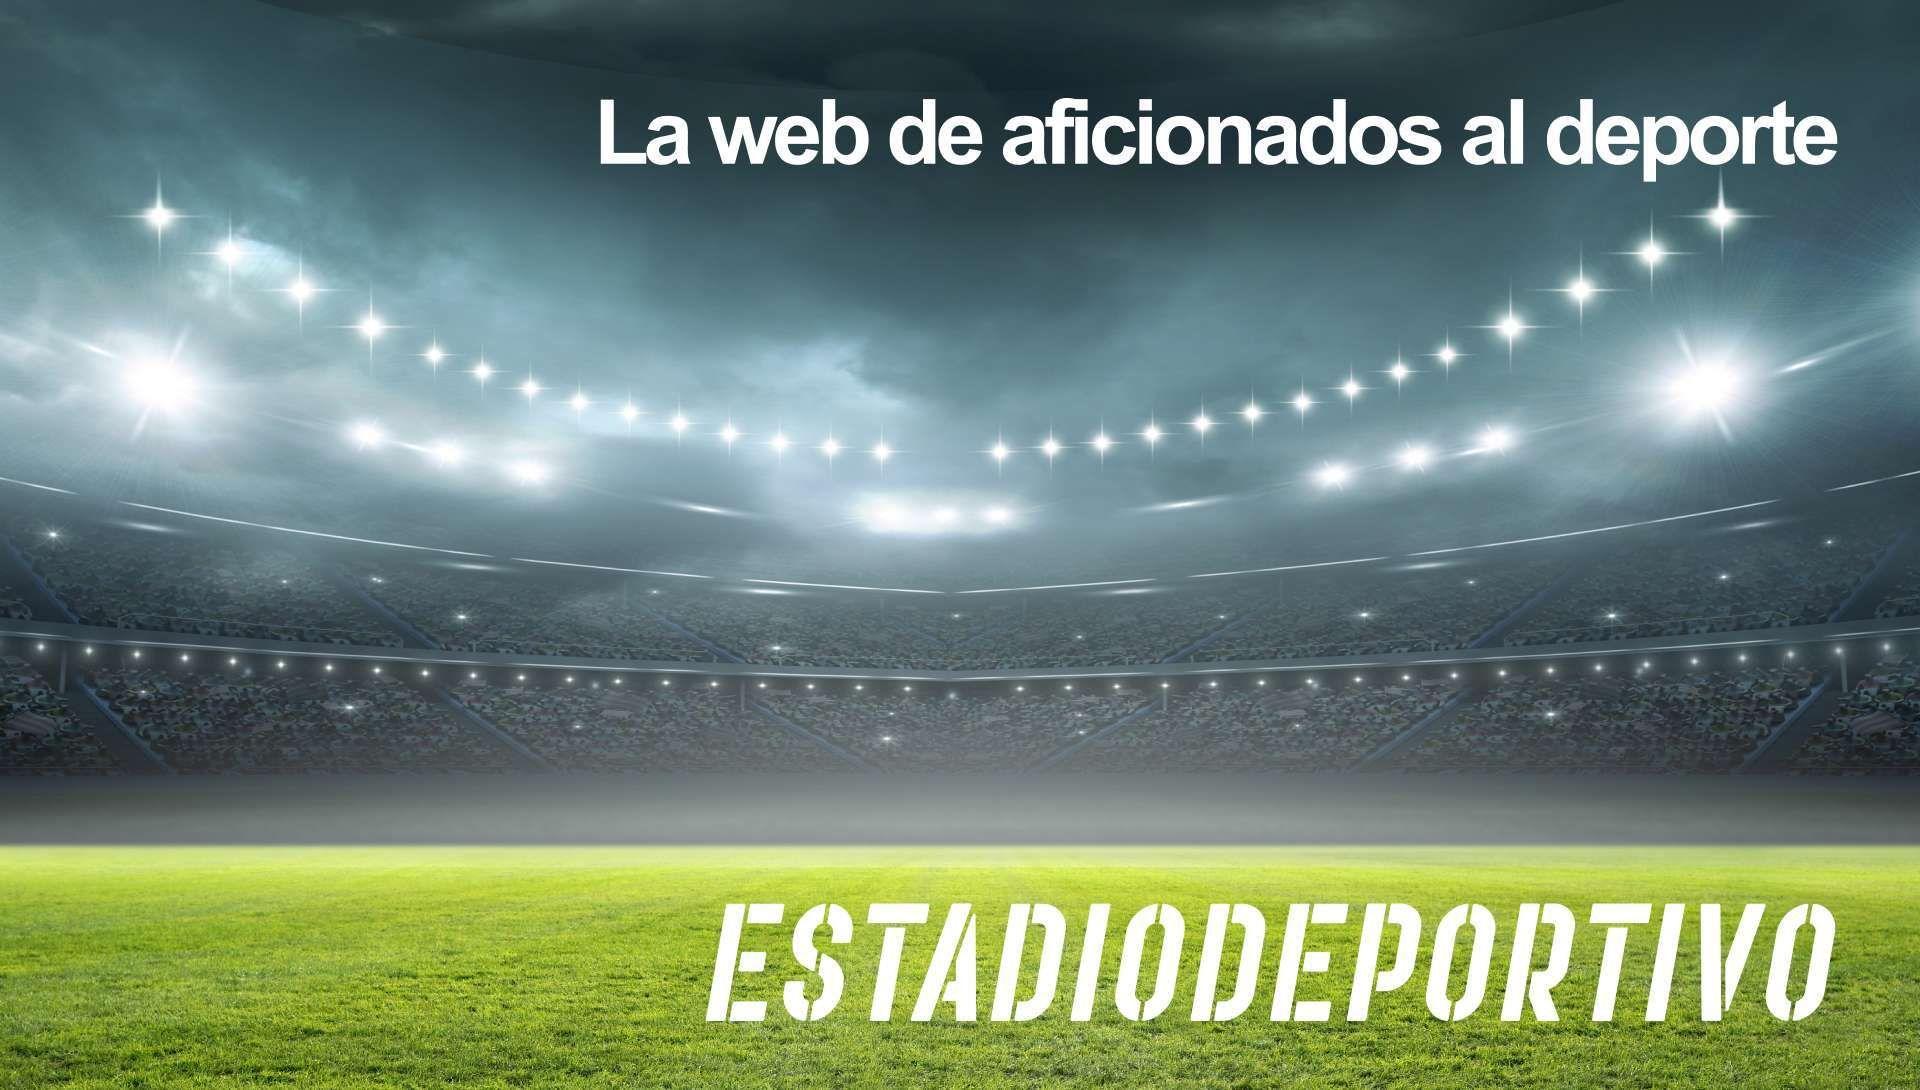 Las portadas del viernes 19 de enero